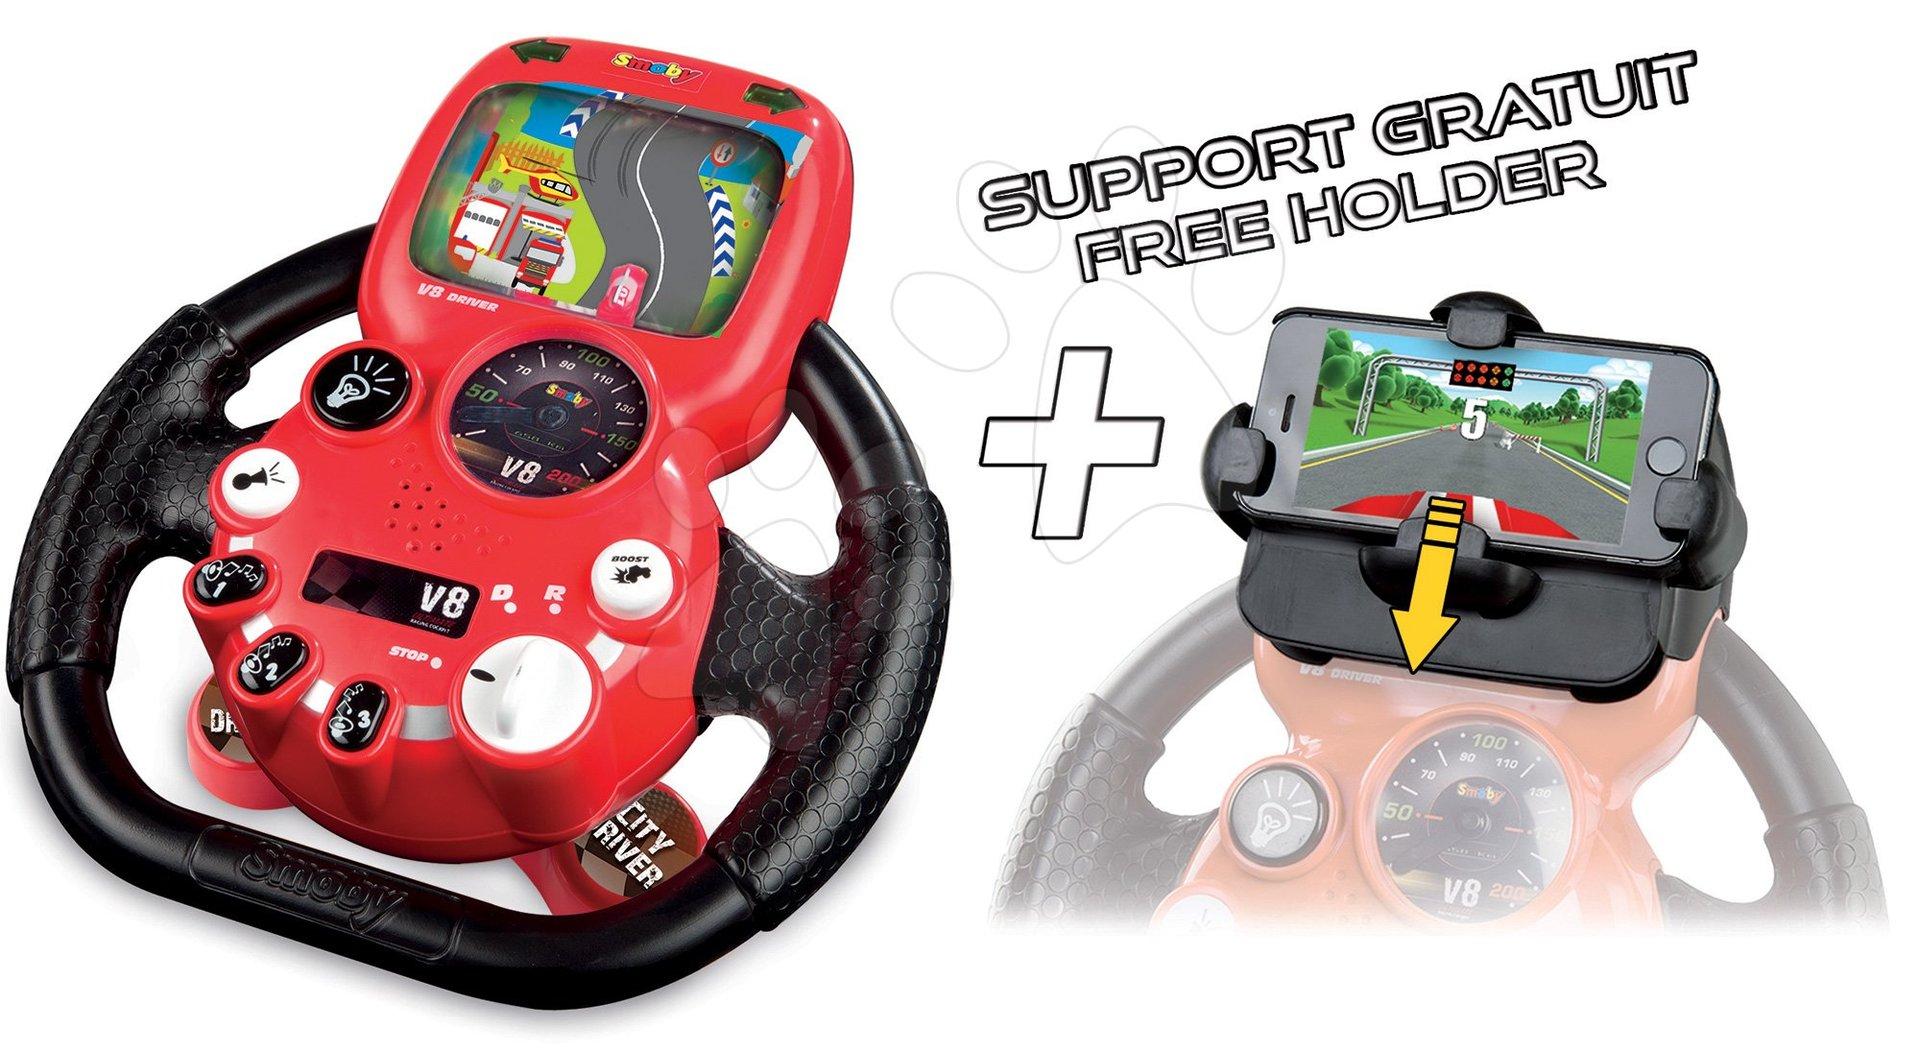 Trenažér pre deti - Elektronický volant City Driver Smoby so zvukom, svetlom a nadstavcom